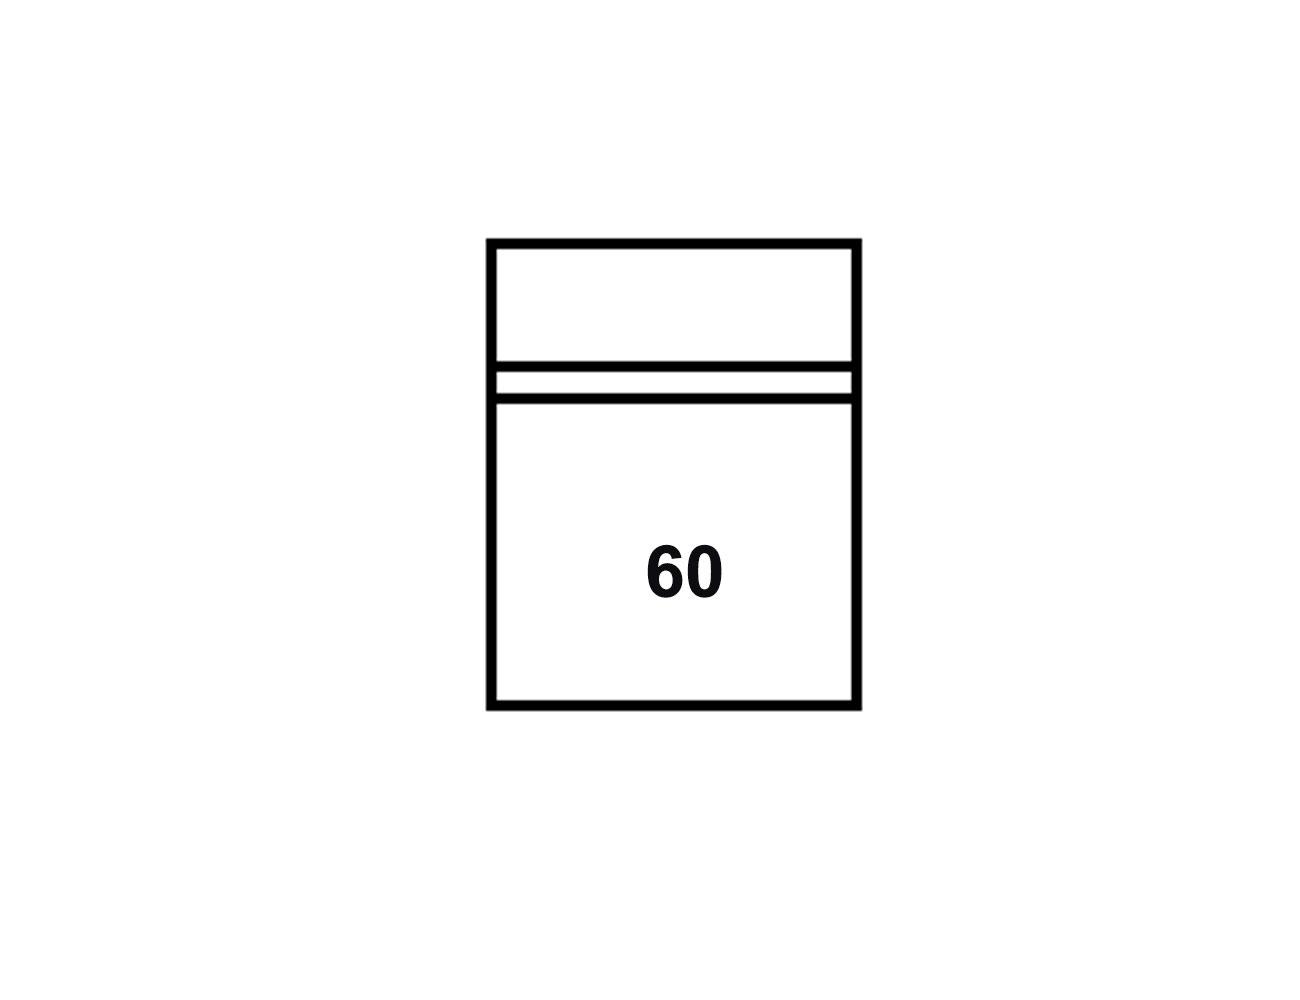 Modulo 1p 605